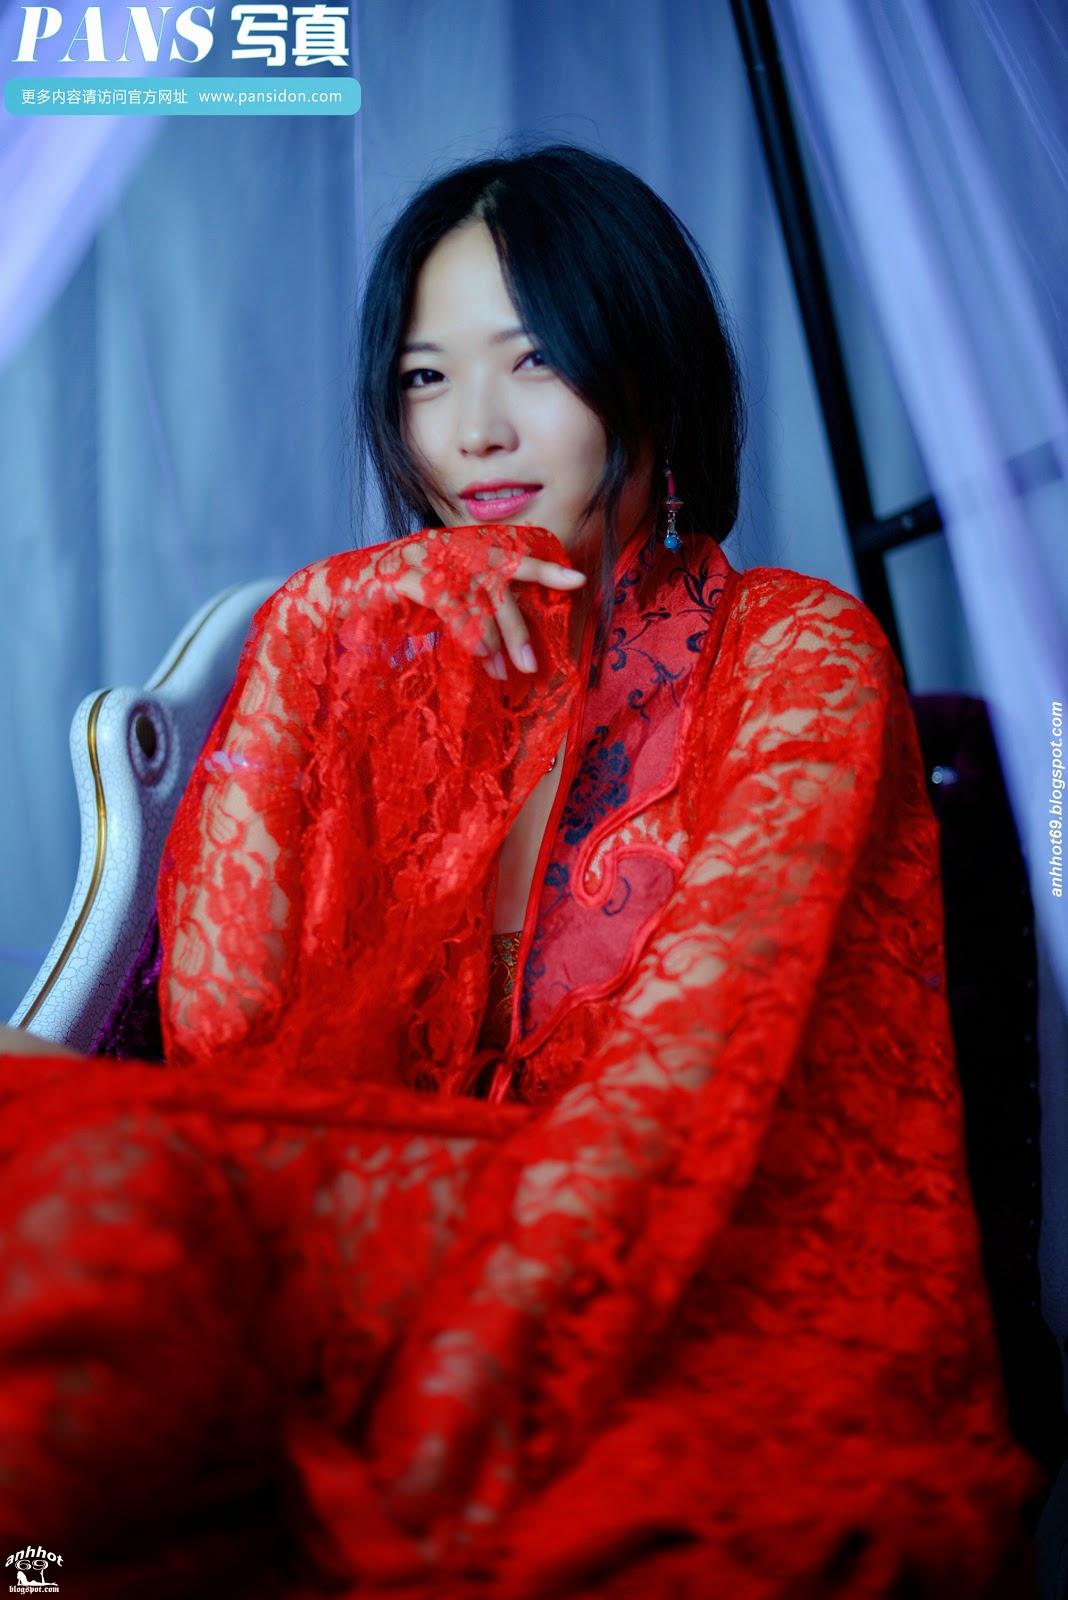 yuhan-pansidon-02851553